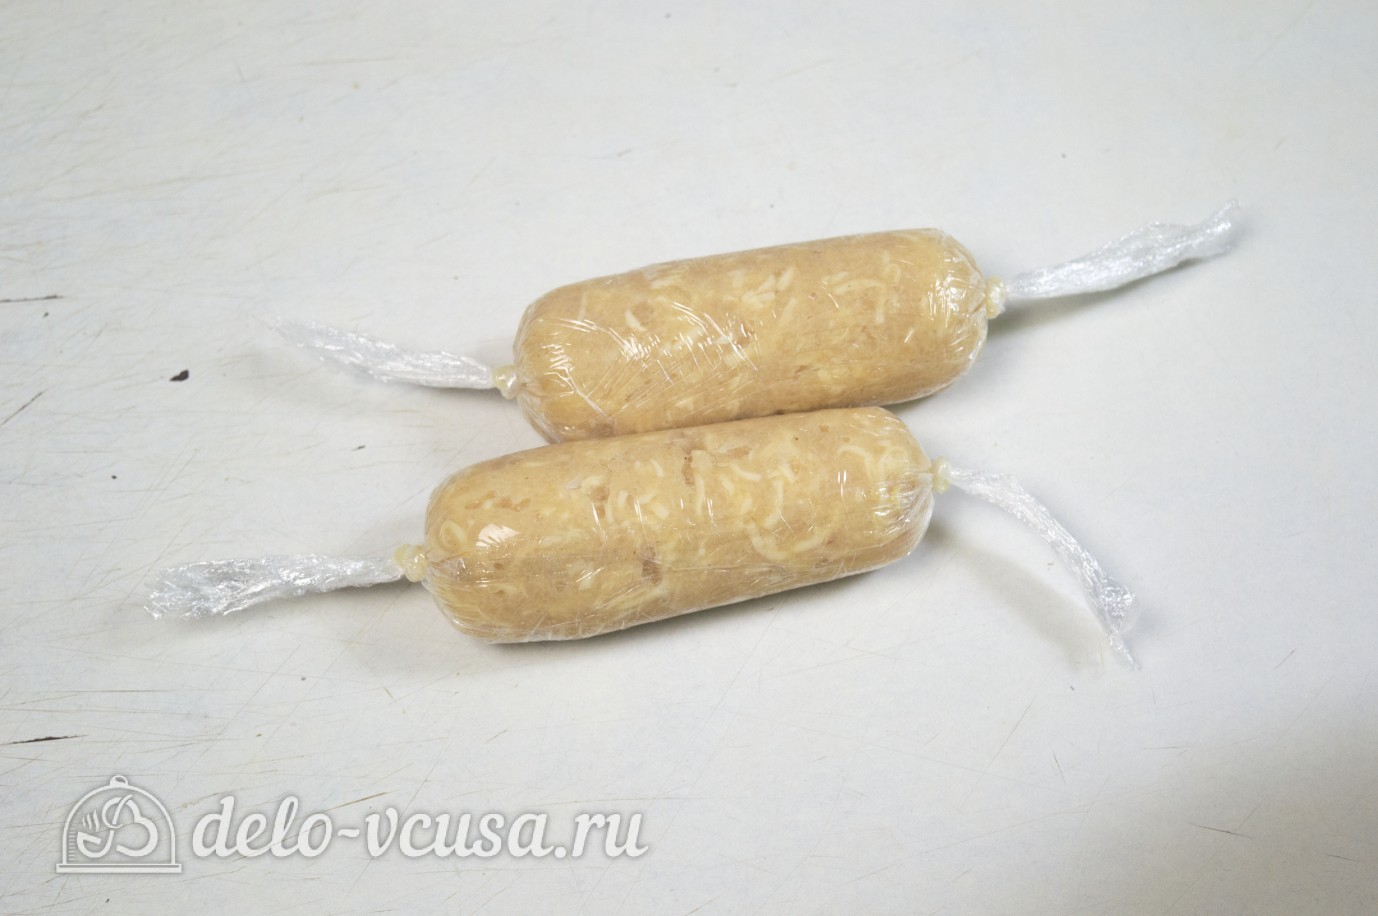 Сосиски куриные с сыром: Определить размер сосисок